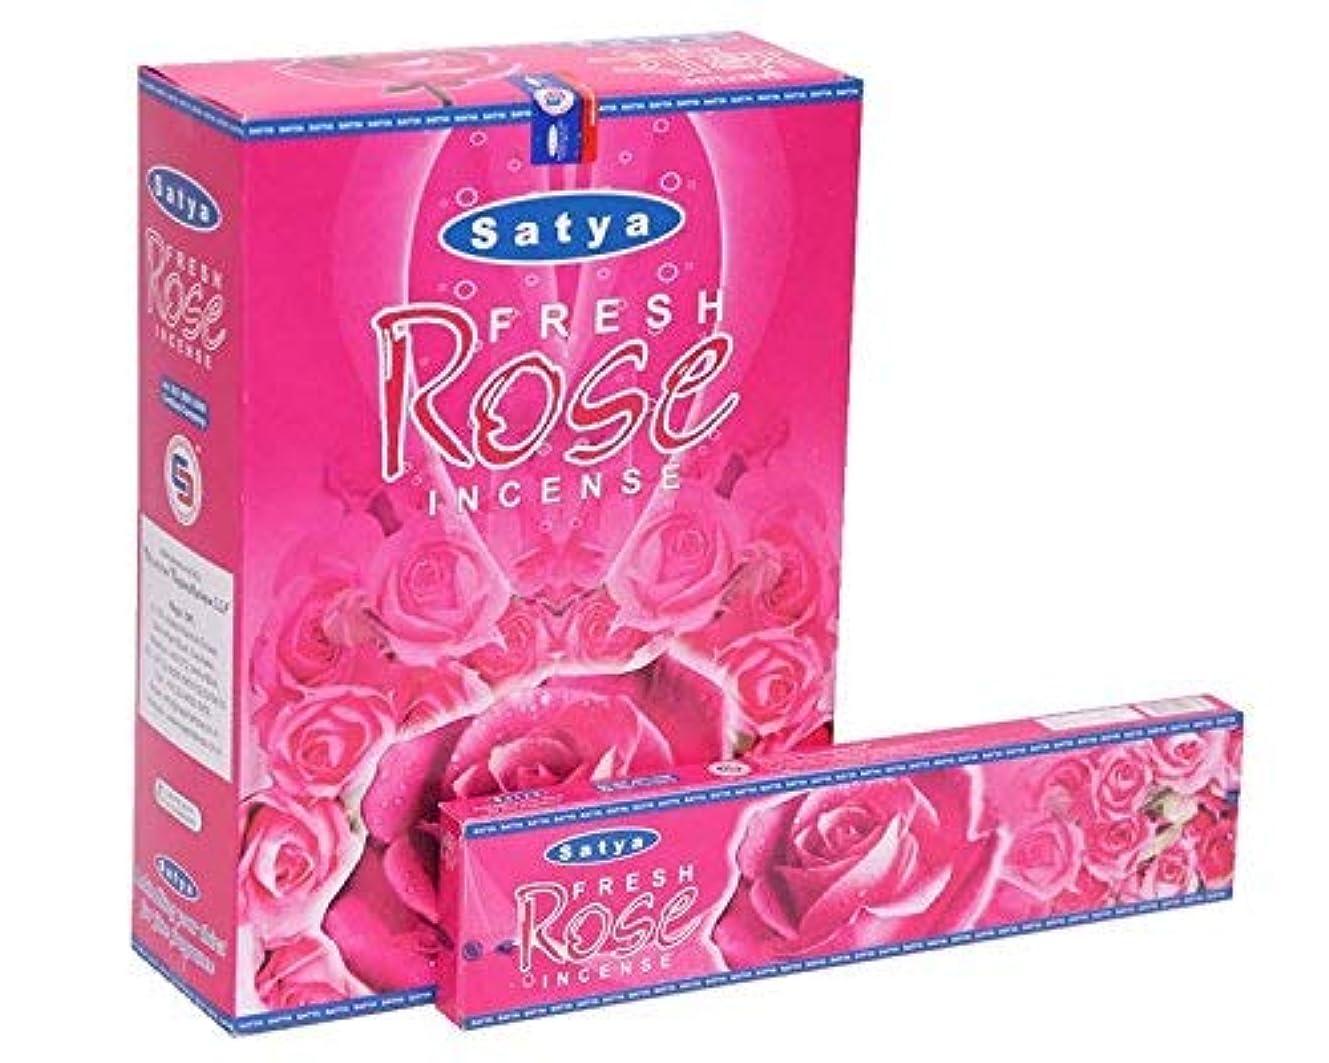 テレビアラスカ儀式Satya Fresh Rose Incense Sticks Agarbatti 240 Grams Box | 12 Packs of 20 Grams in a Box | Export Quality